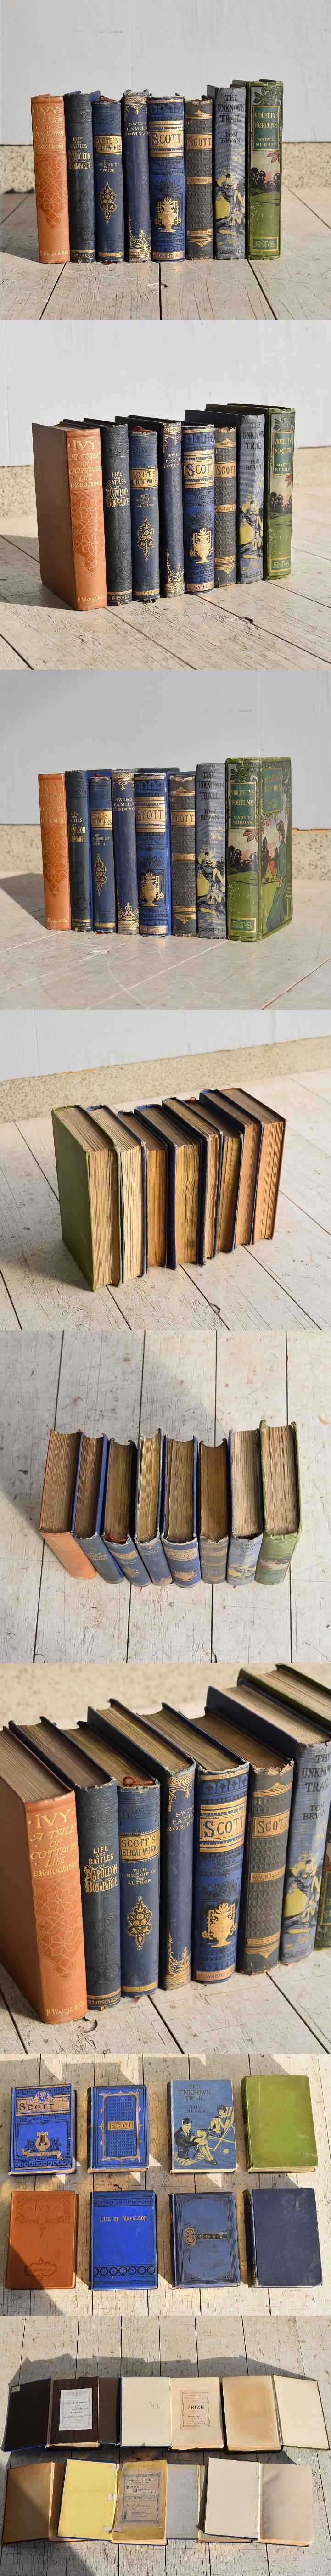 イギリス アンティーク ブック 本 10冊セット ディスプレイ 7662